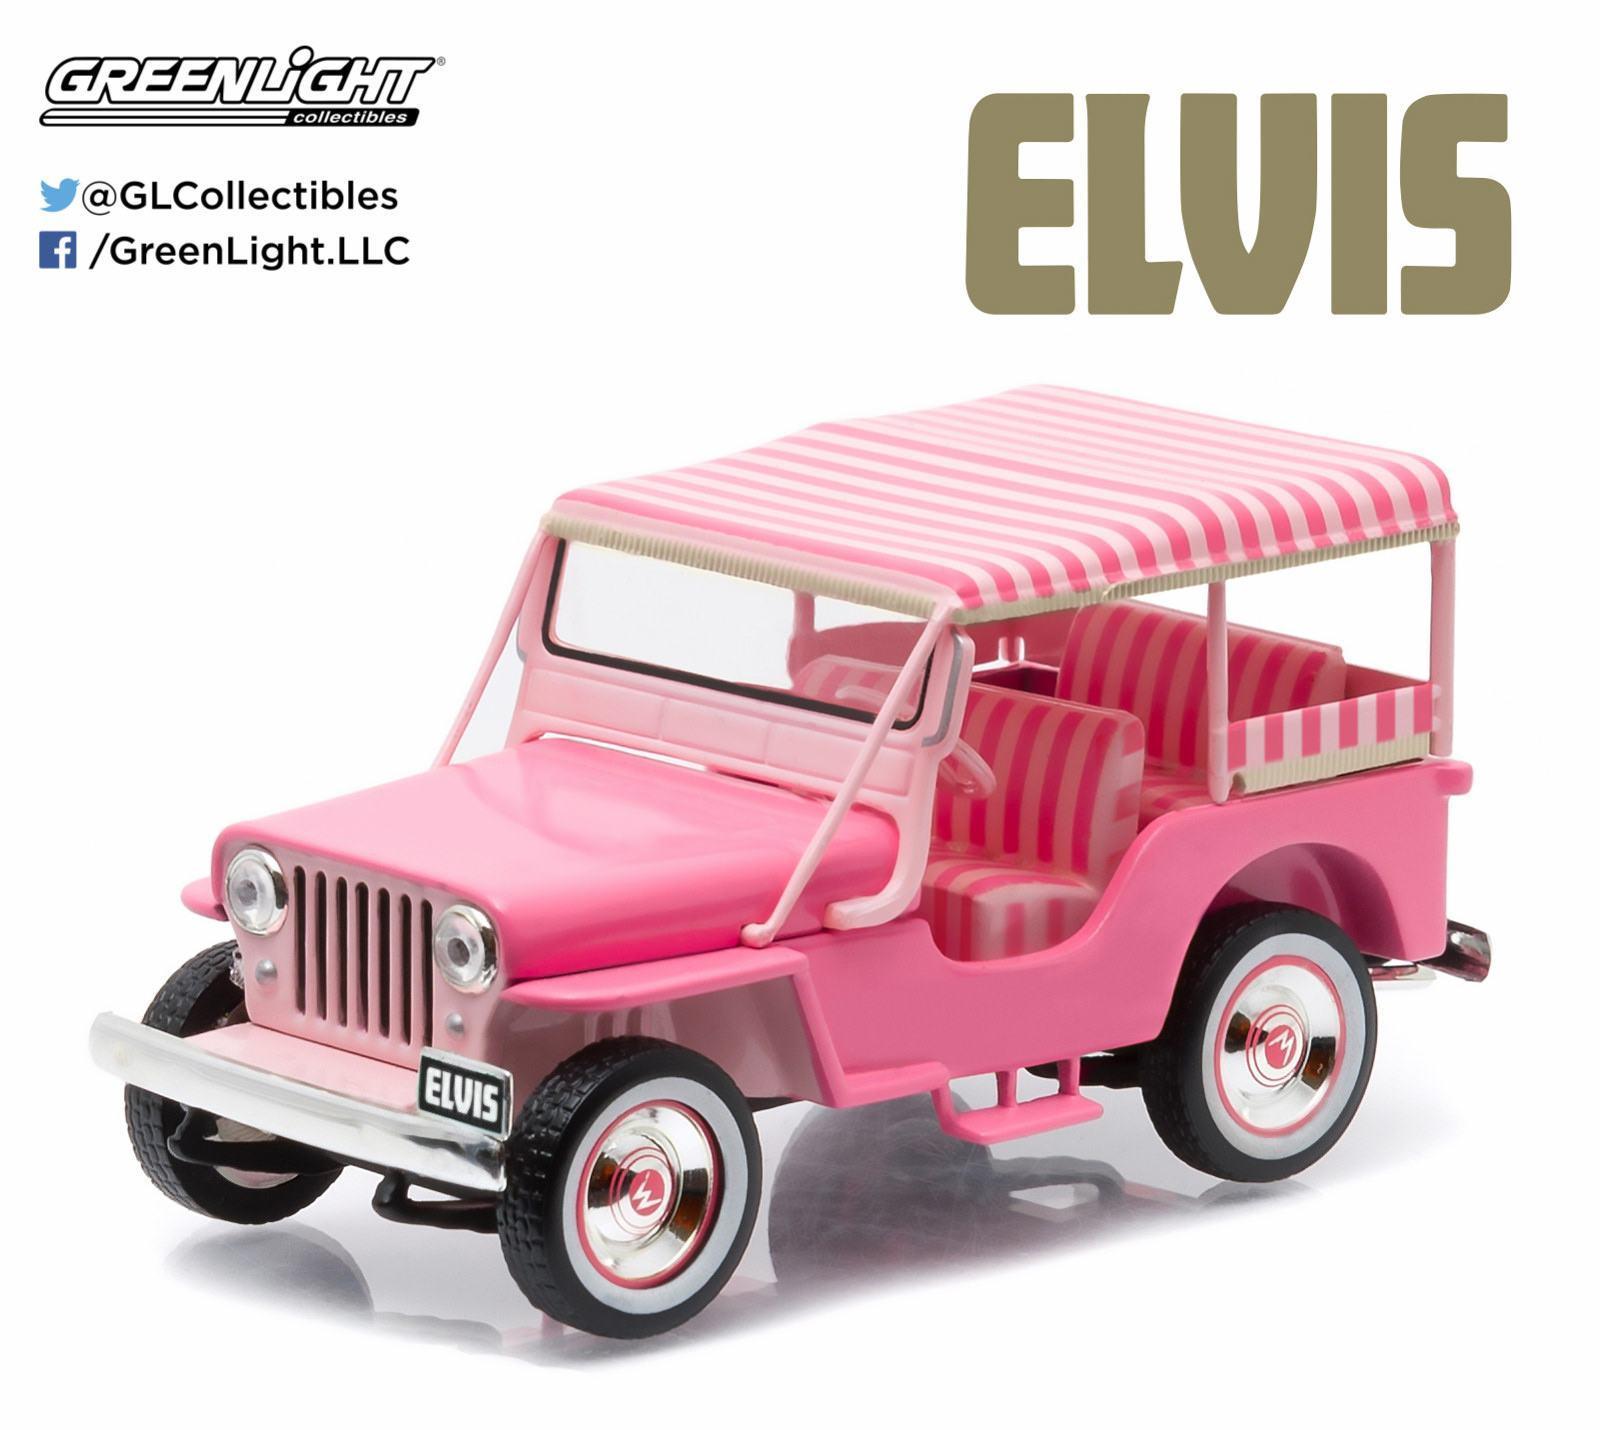 Carro-Elvis-Presley-Pink-Jeep-Surrey-1-43-Die-Cast-Metal-Vehicle-03